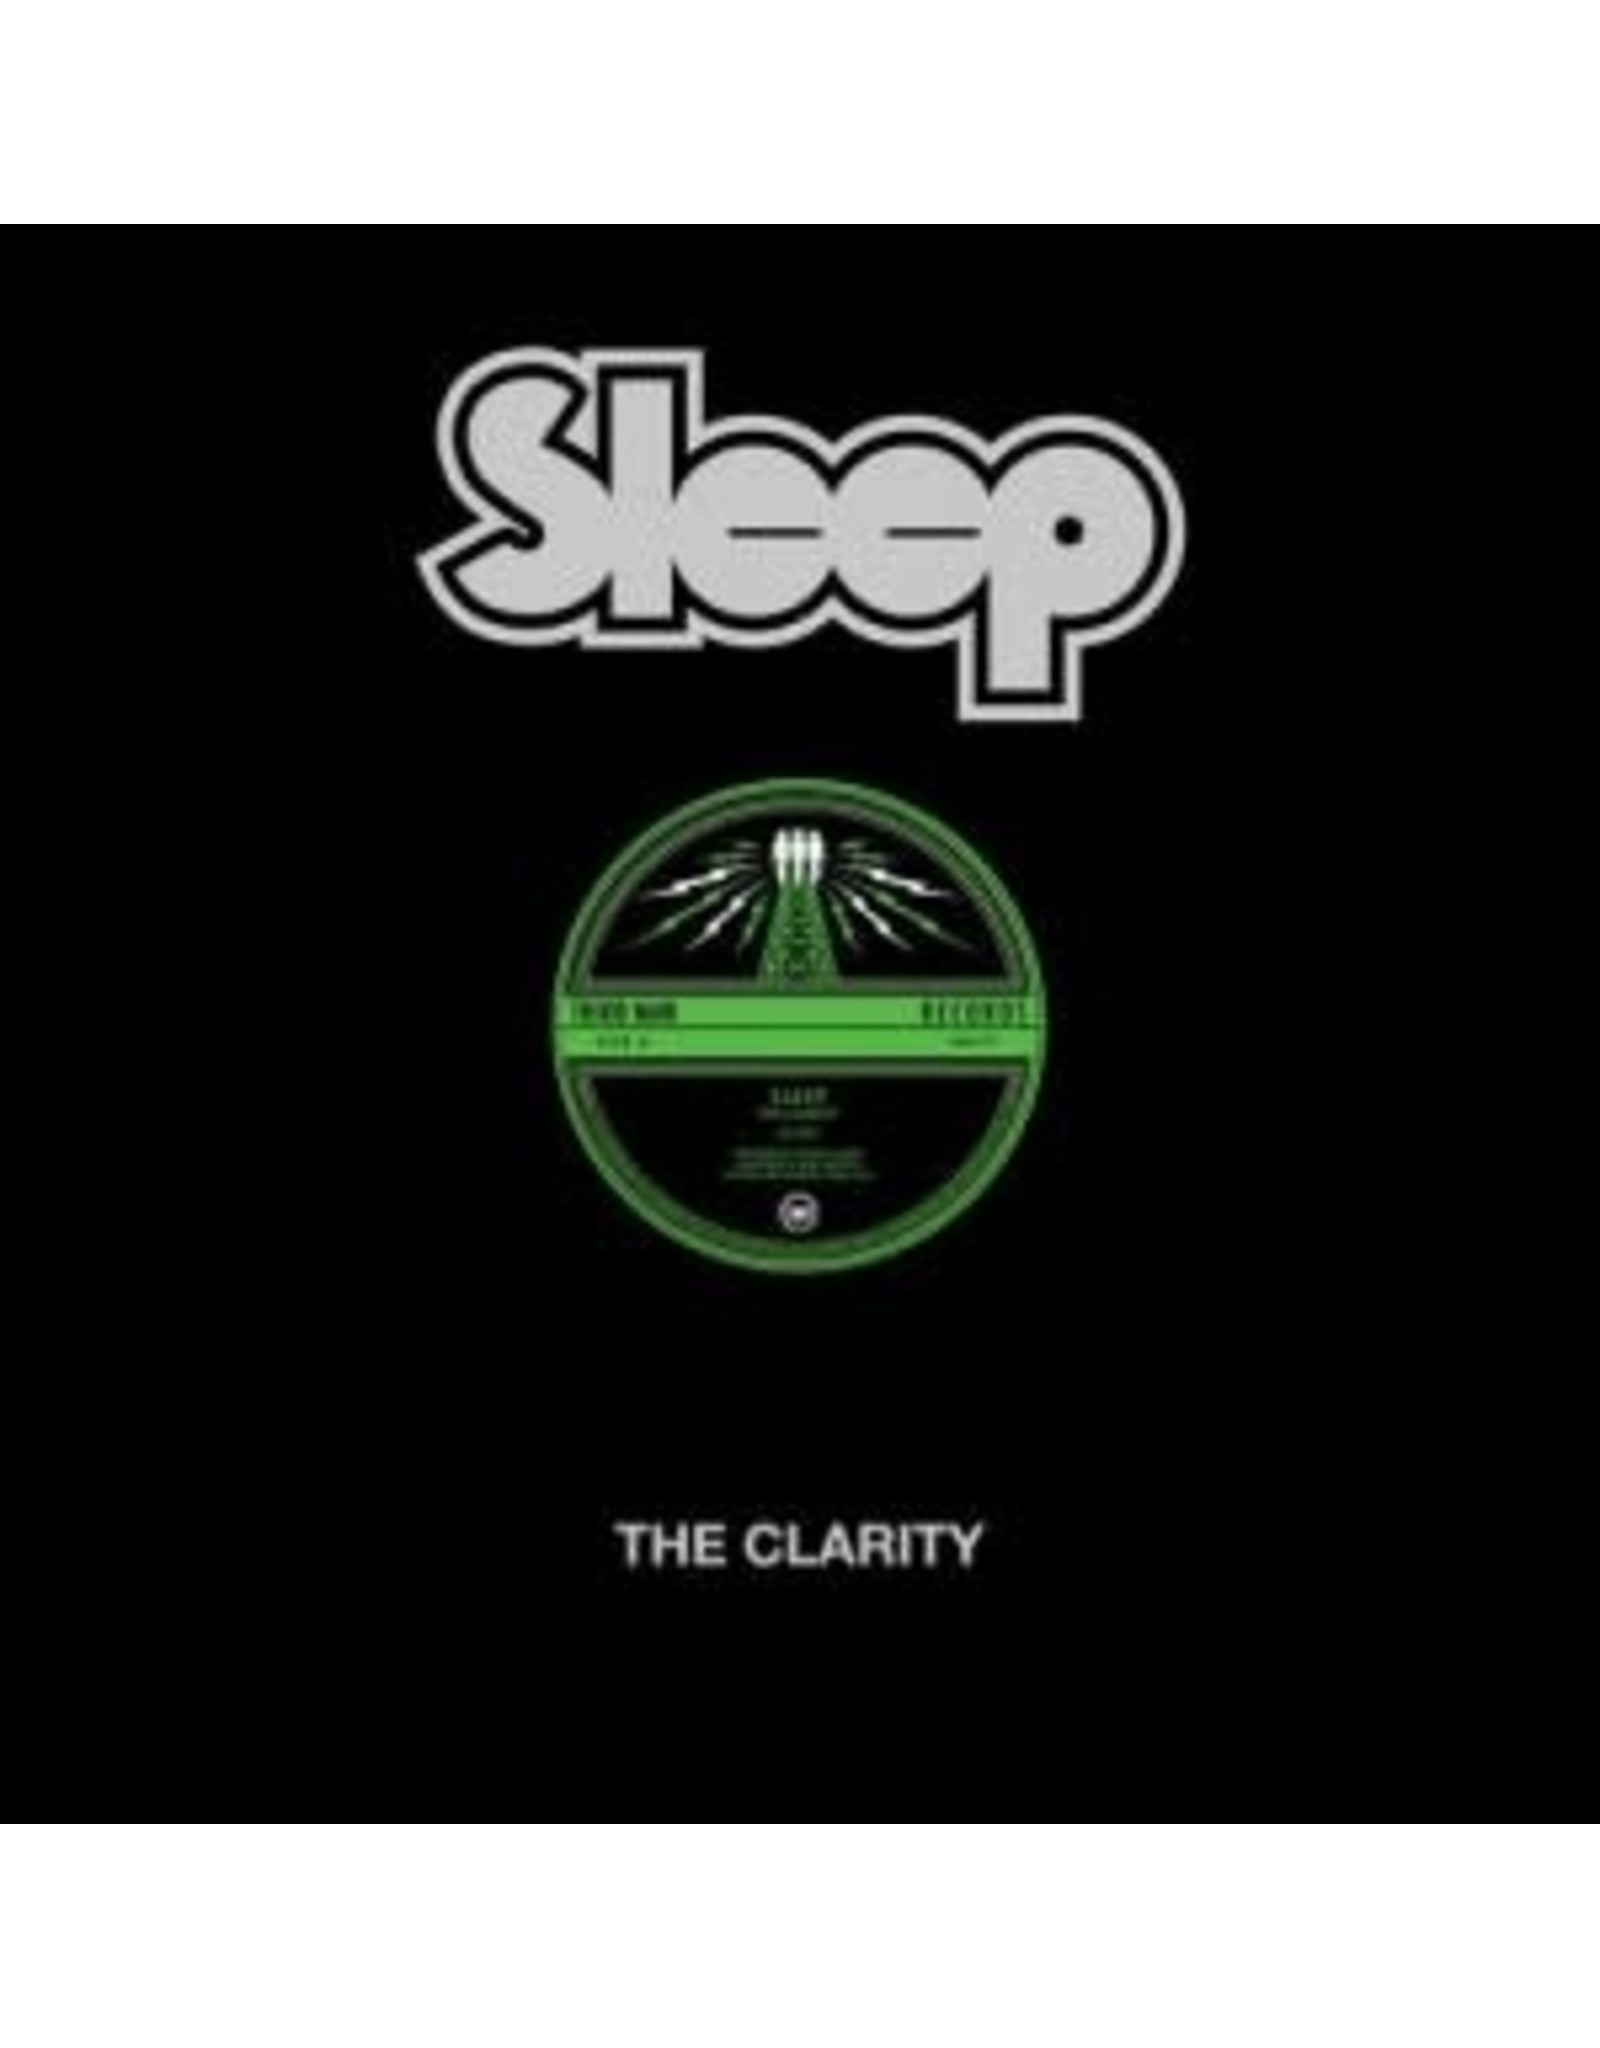 """New Vinyl Sleep - The Clarity (2021) EP 12"""""""